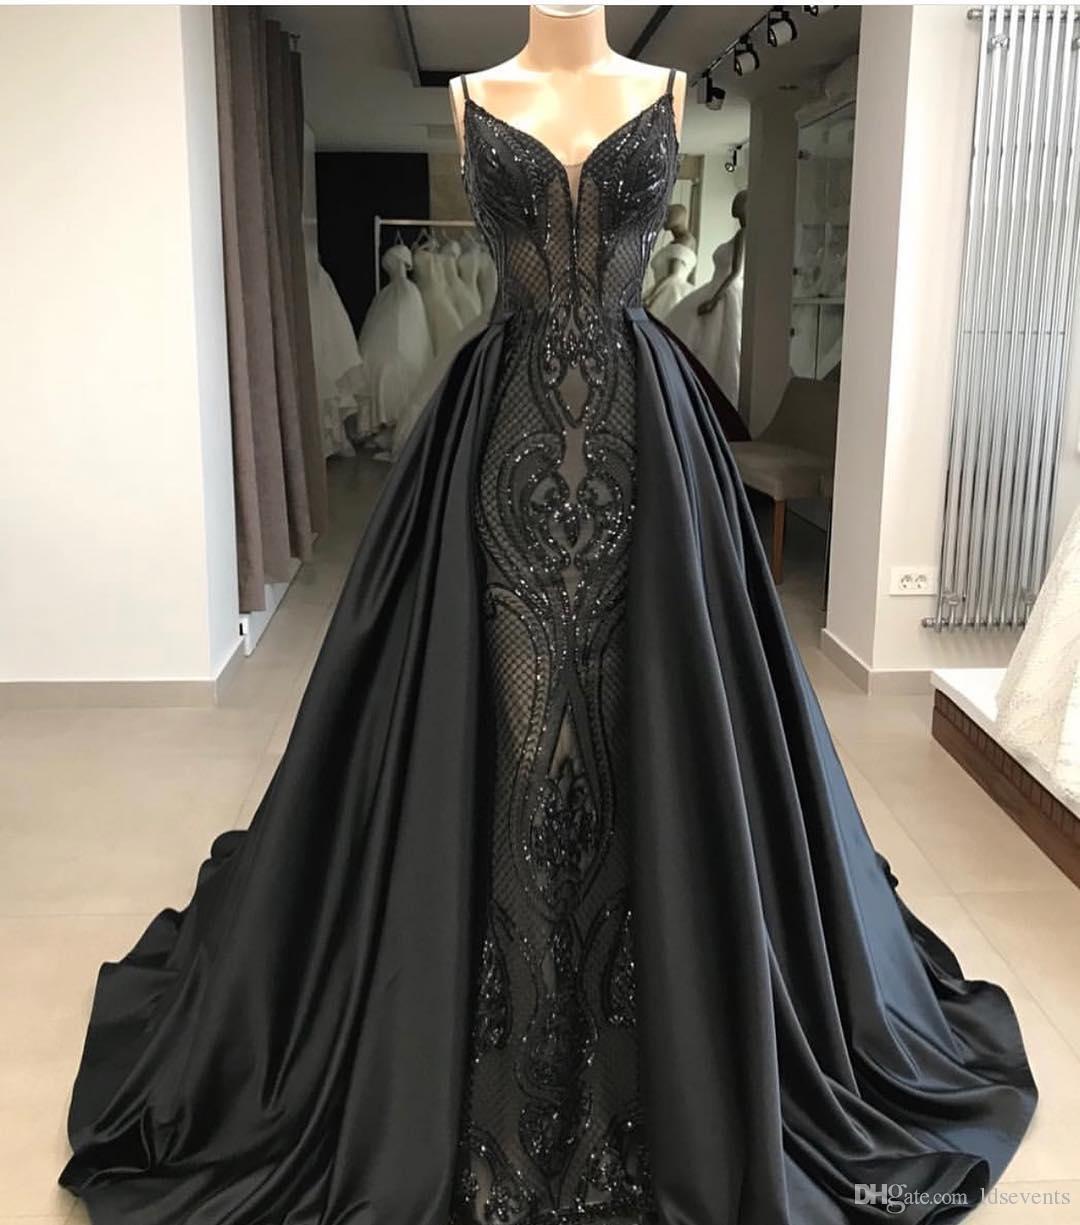 15 Schön Abendkleider Türkisch Design Cool Abendkleider Türkisch Ärmel